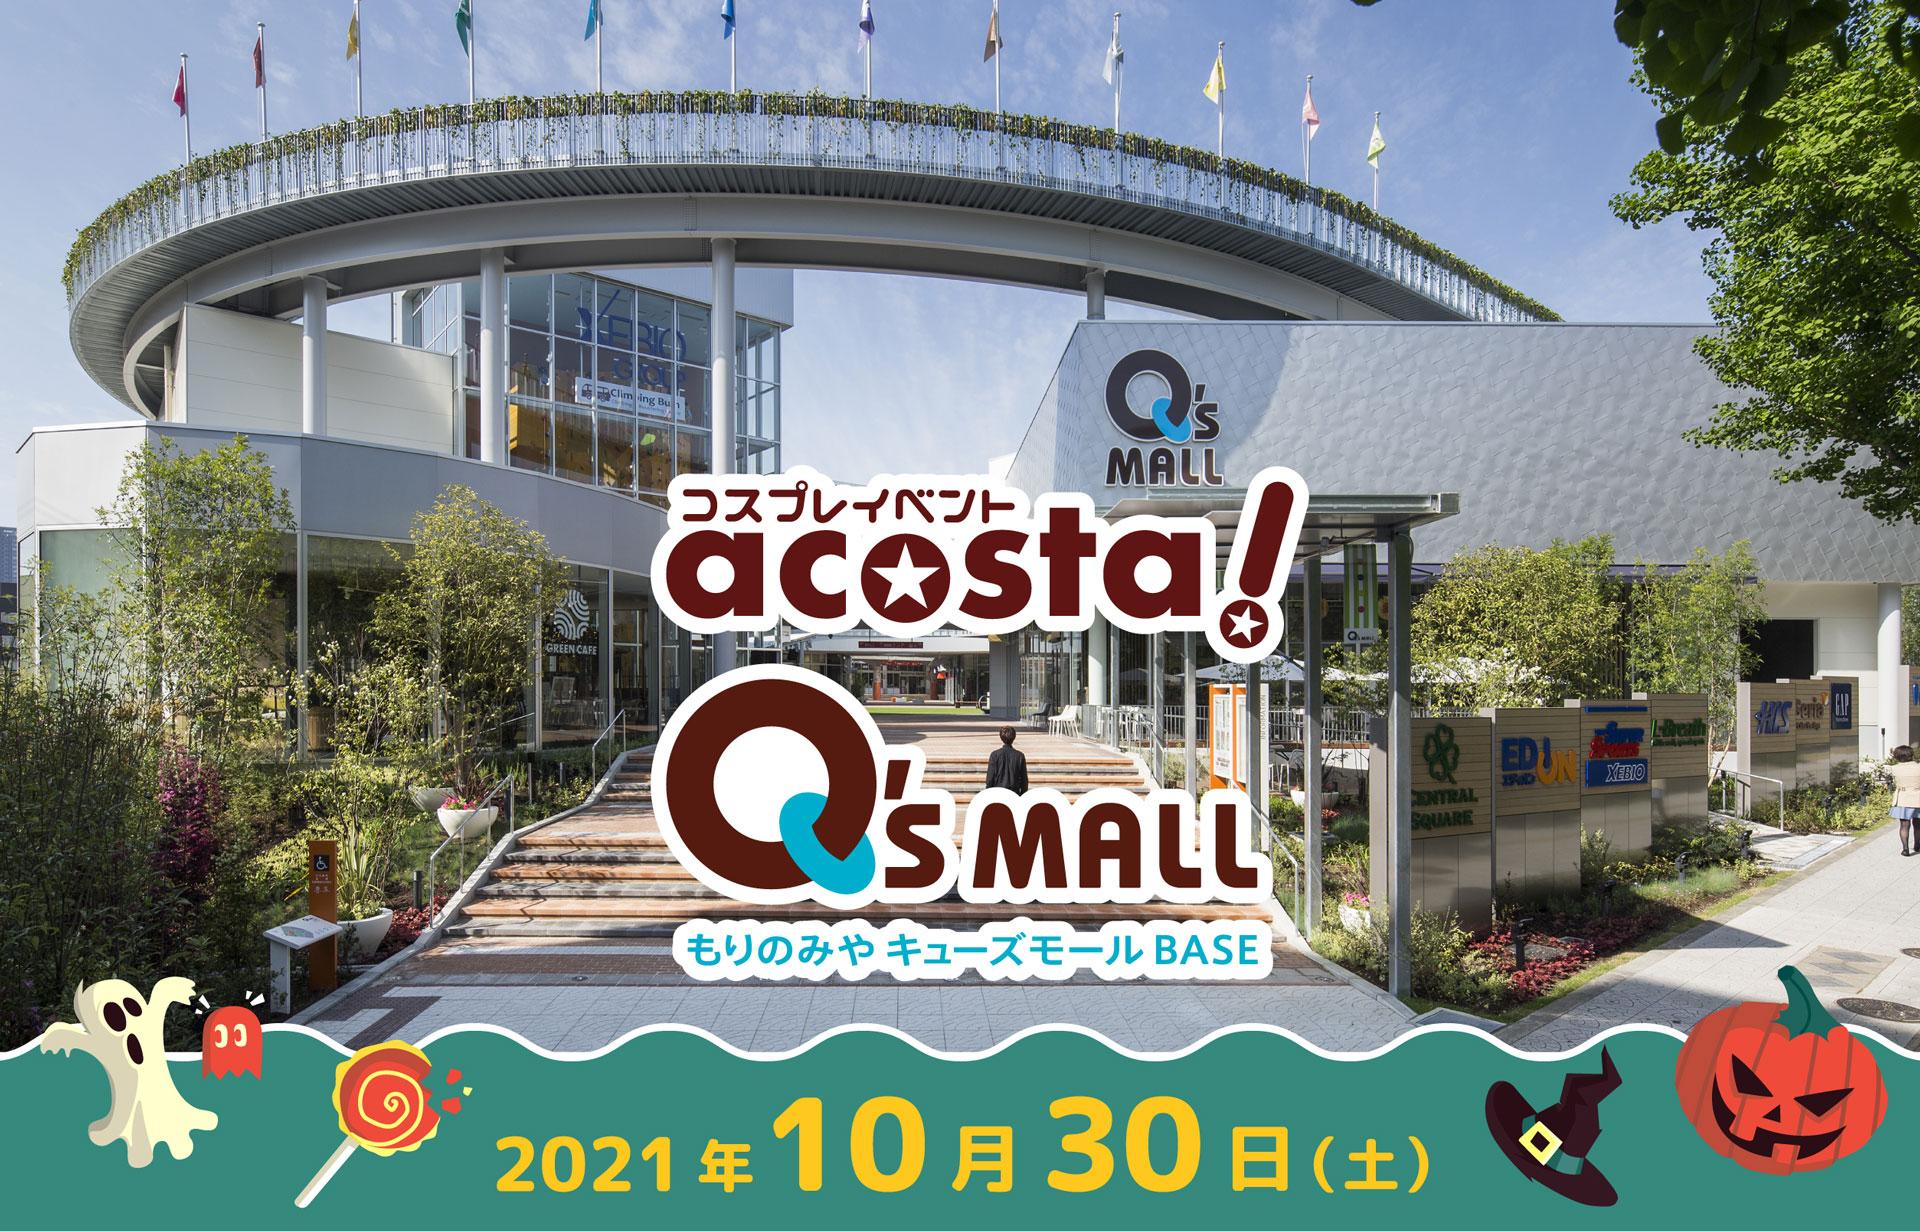 2021年10月30日(日)アコスタ@もりのみやキューズモールBASE